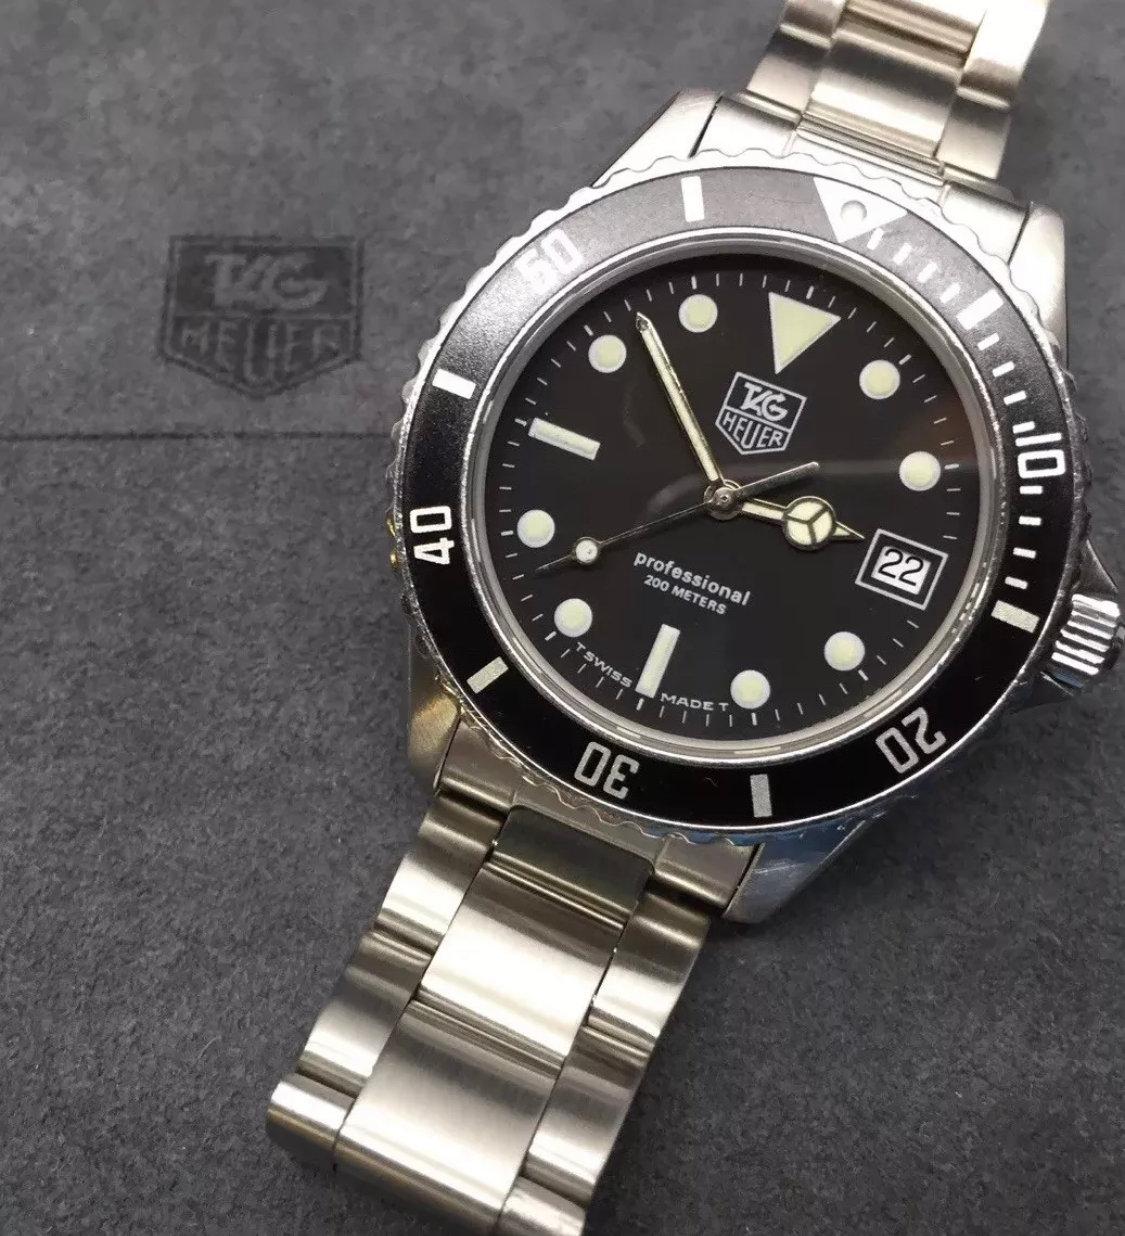 best website 100c1 25fb2 Oyster bracelet For Tag Heuer 1000 Pro Models 42mm Version, Submariner Type  | website